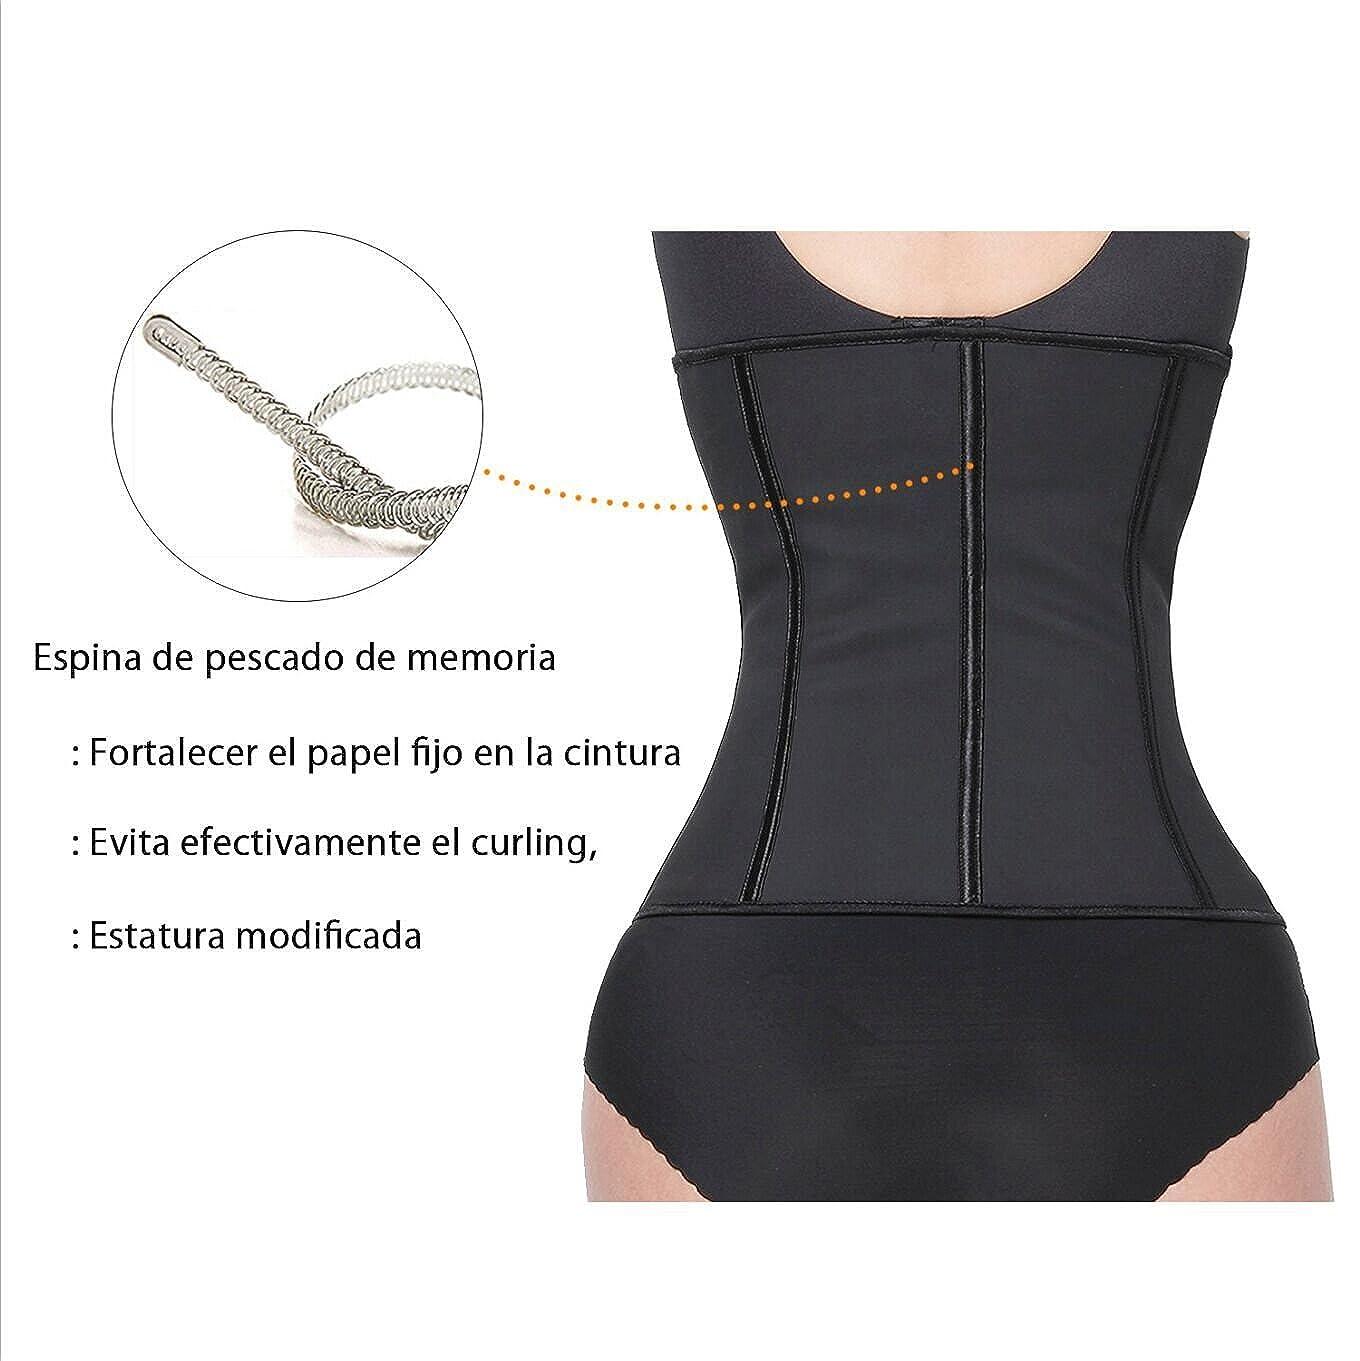 Tirain Corsé Faja Cinturón Reductora Underbust Bustiers Cincher Moldeador Corset para Mujer (XL, Negro): Amazon.es: Ropa y accesorios